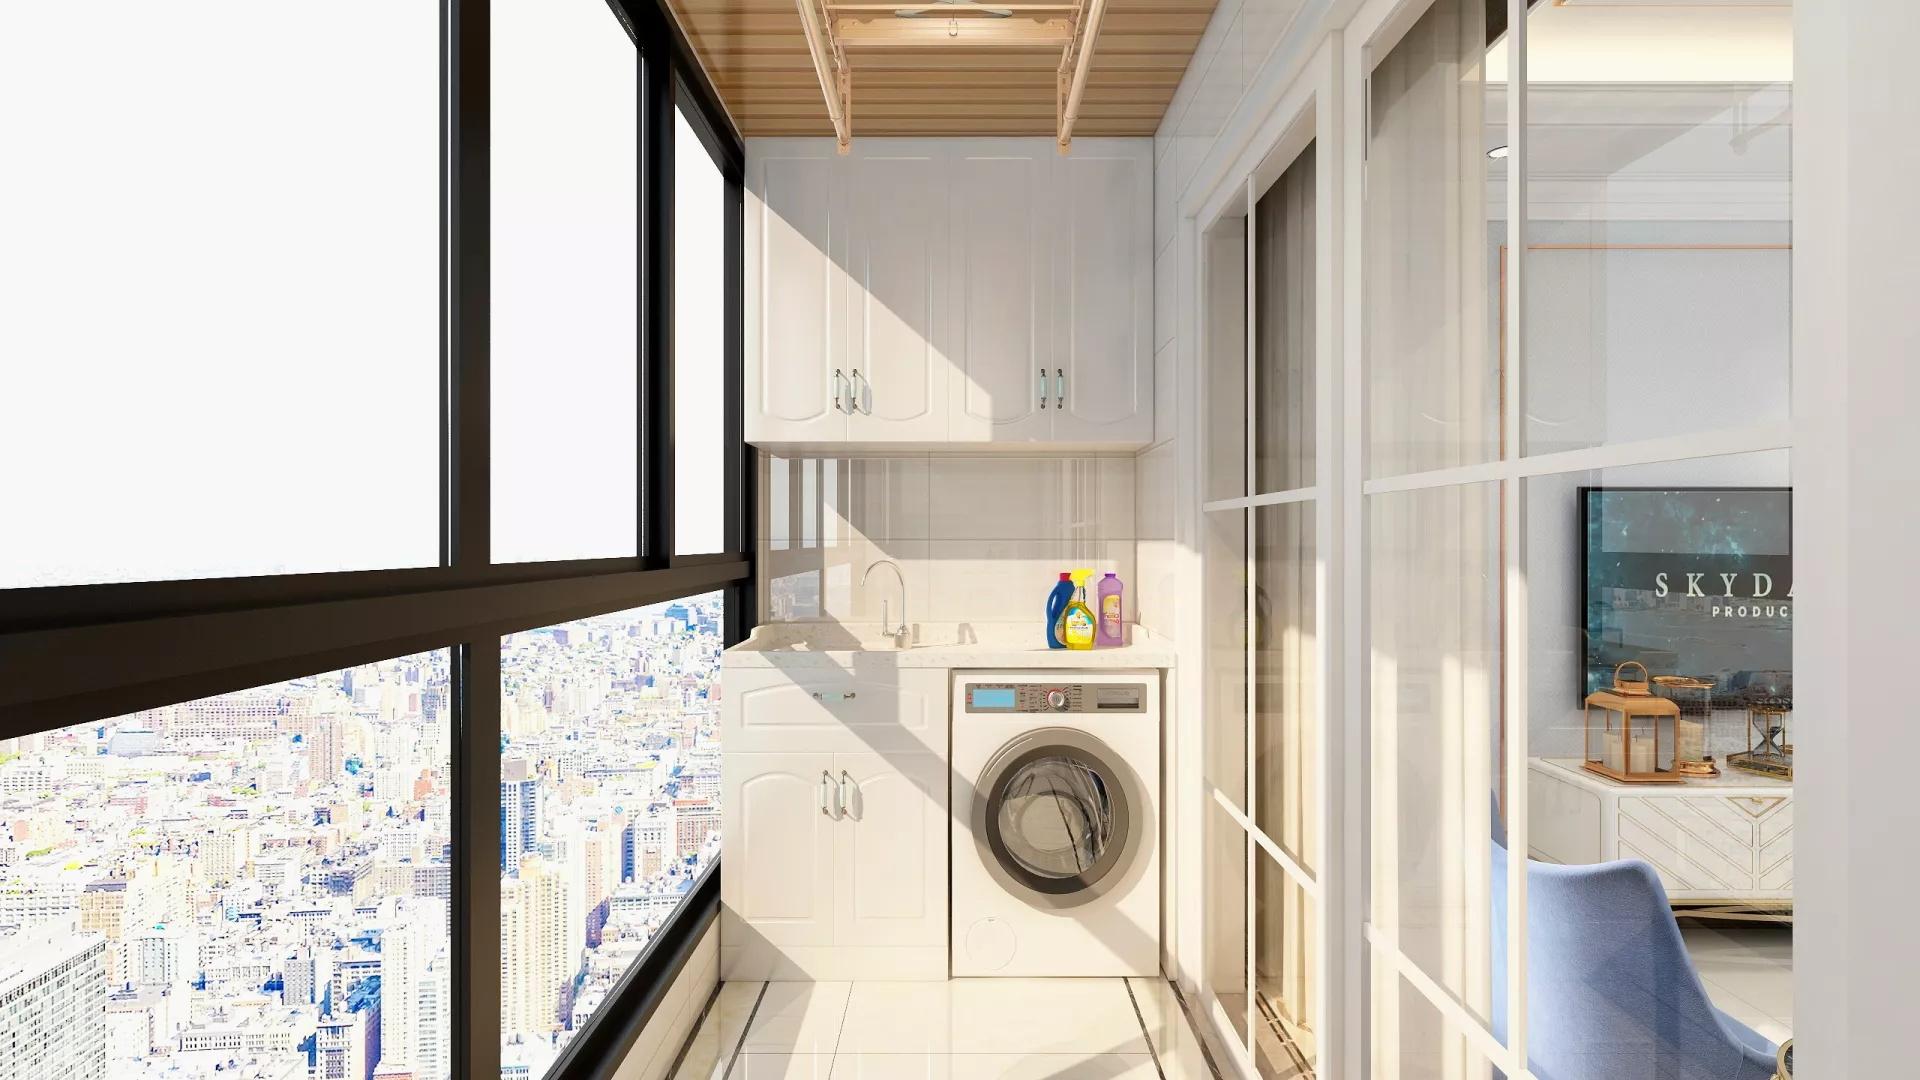 室內墻面乳膠漆選哪種顏色?什么顏色乳膠漆比較適合家居墻面?